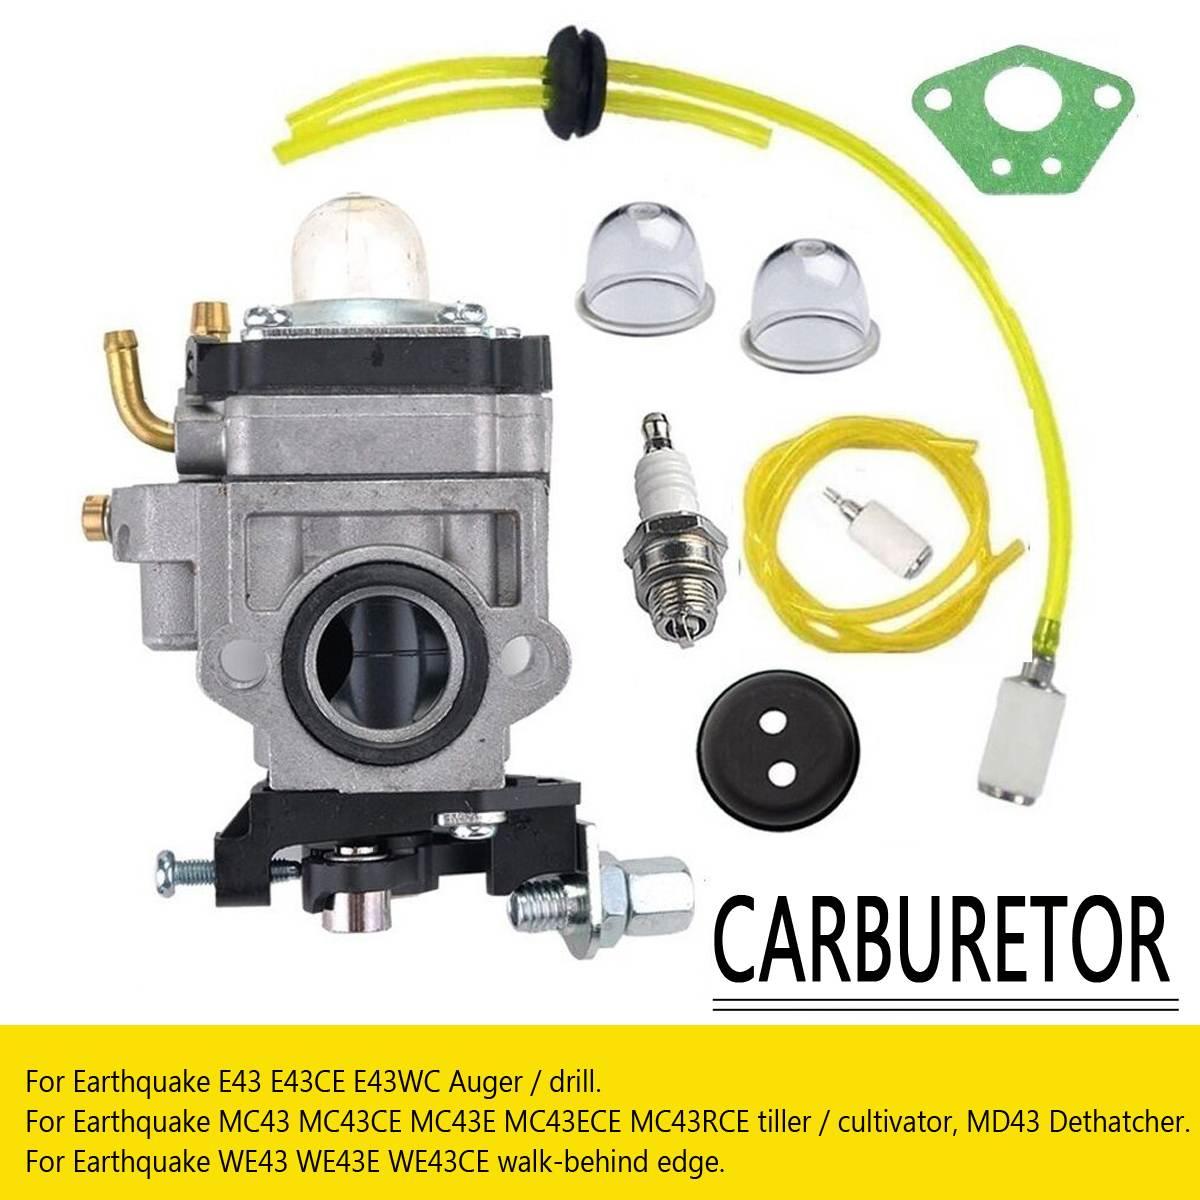 Carburador tune up kit terremoto e43 e43wc e43ce auger mc43 mc43e mc43c 300486 arbutor táxi substituição do motor da bicicleta